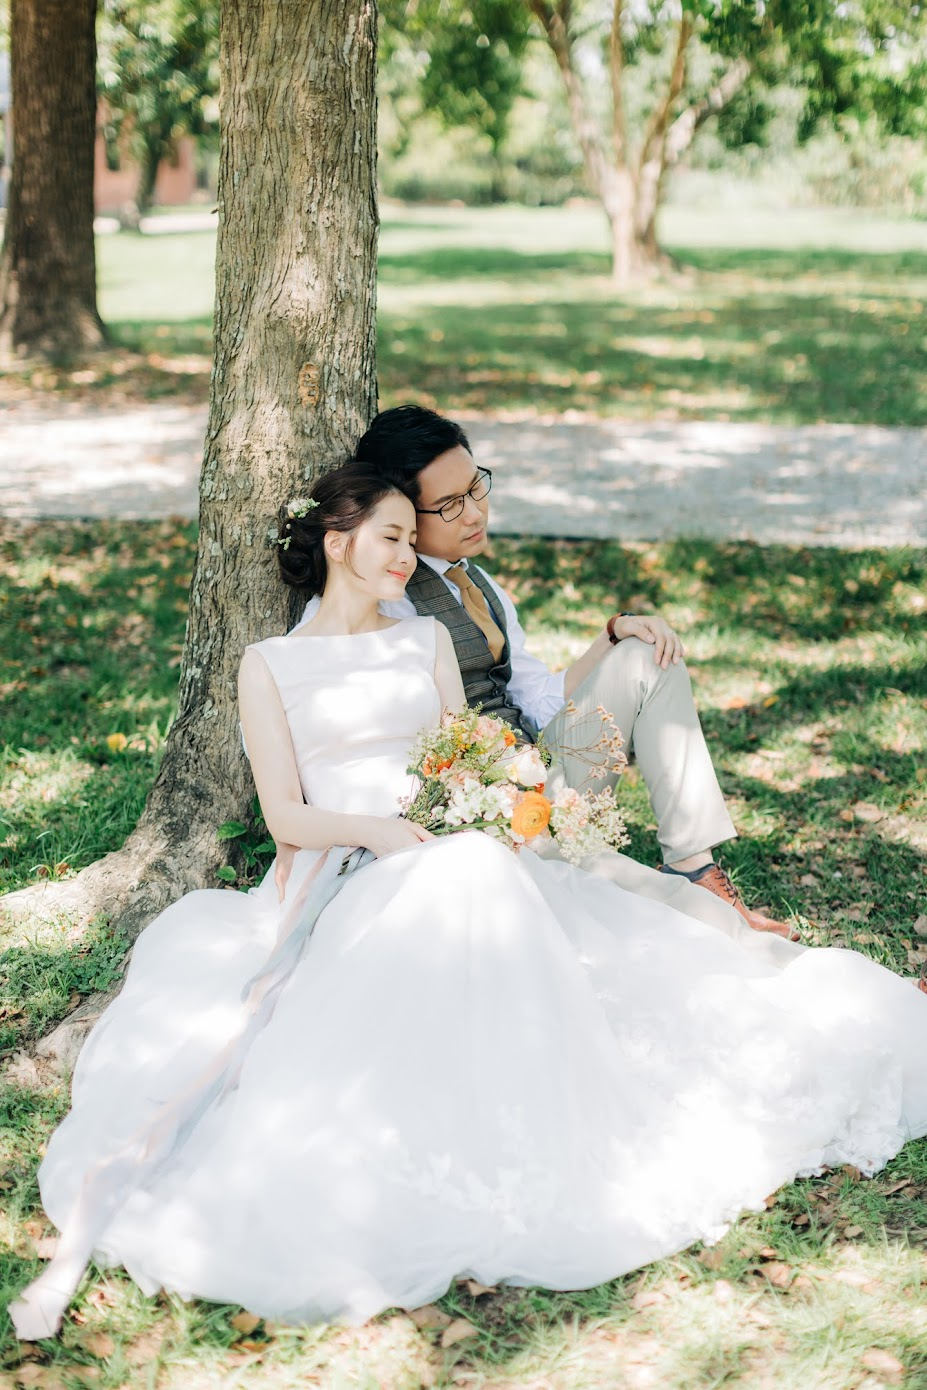 夏日海灘婚紗 | Wiki + Diane Engagement | 煙花婚紗 - 美式婚紗婚禮 - 台中自助婚紗